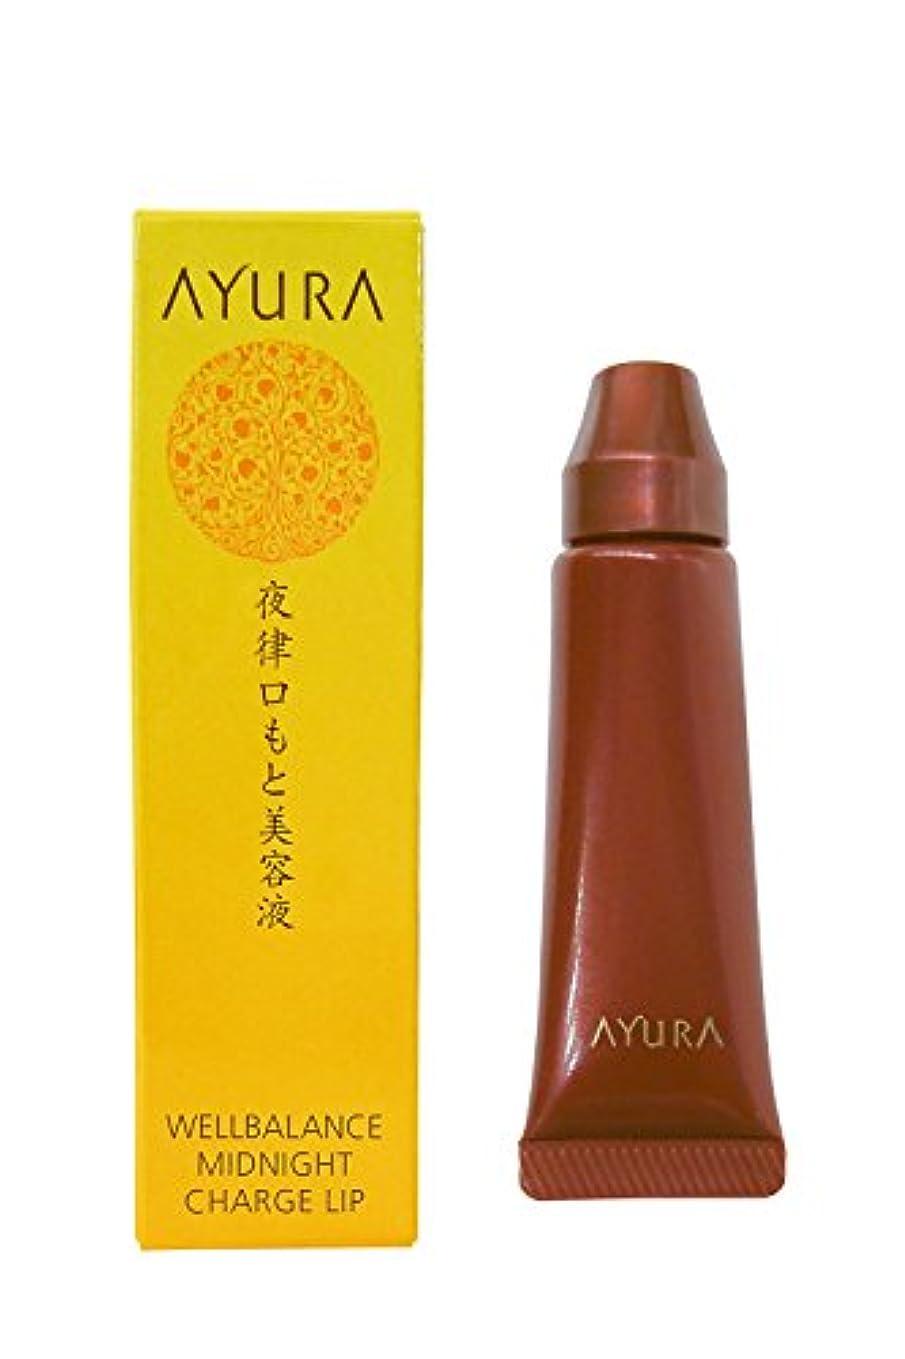 多くの危険がある状況肌ラウズアユーラ (AYURA) ウェルバランス ミッドナイトチャージリップ 10g 〈唇 口もと用 美容液〉